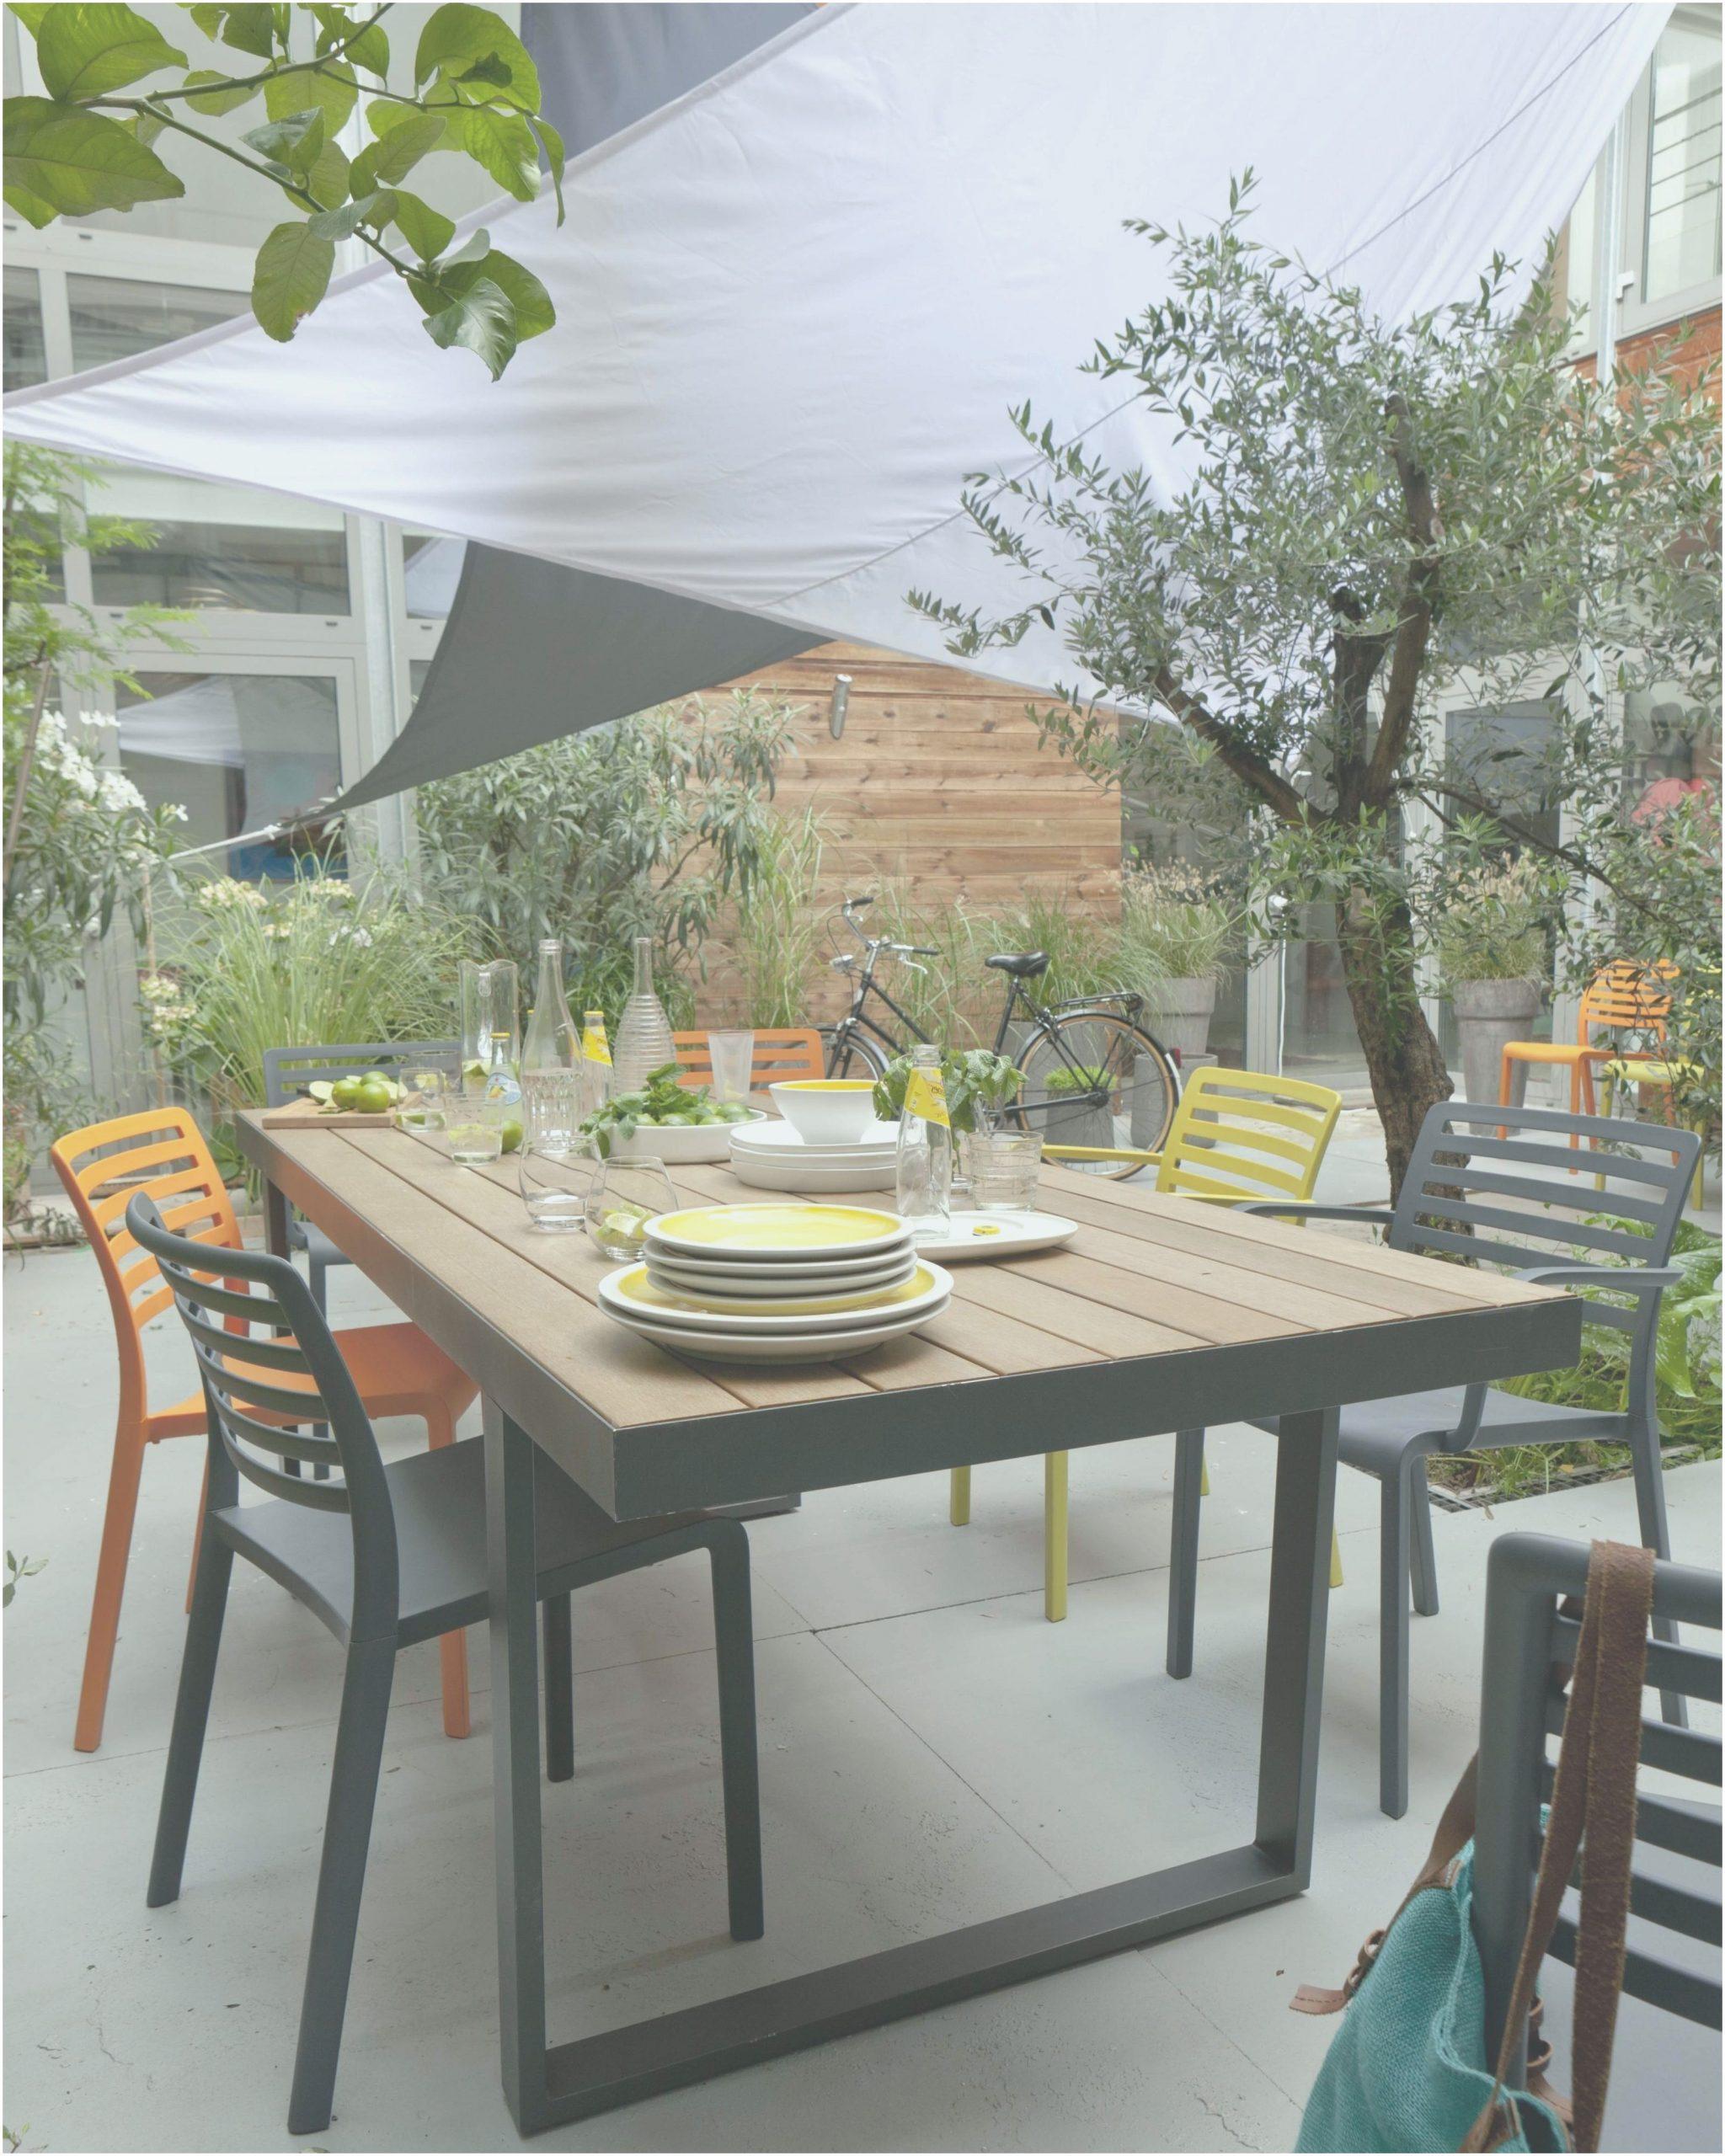 46 Idées De Design Meuble De Jardin Leroy Merlin dedans Salon De Jardin Solde Leroy Merlin